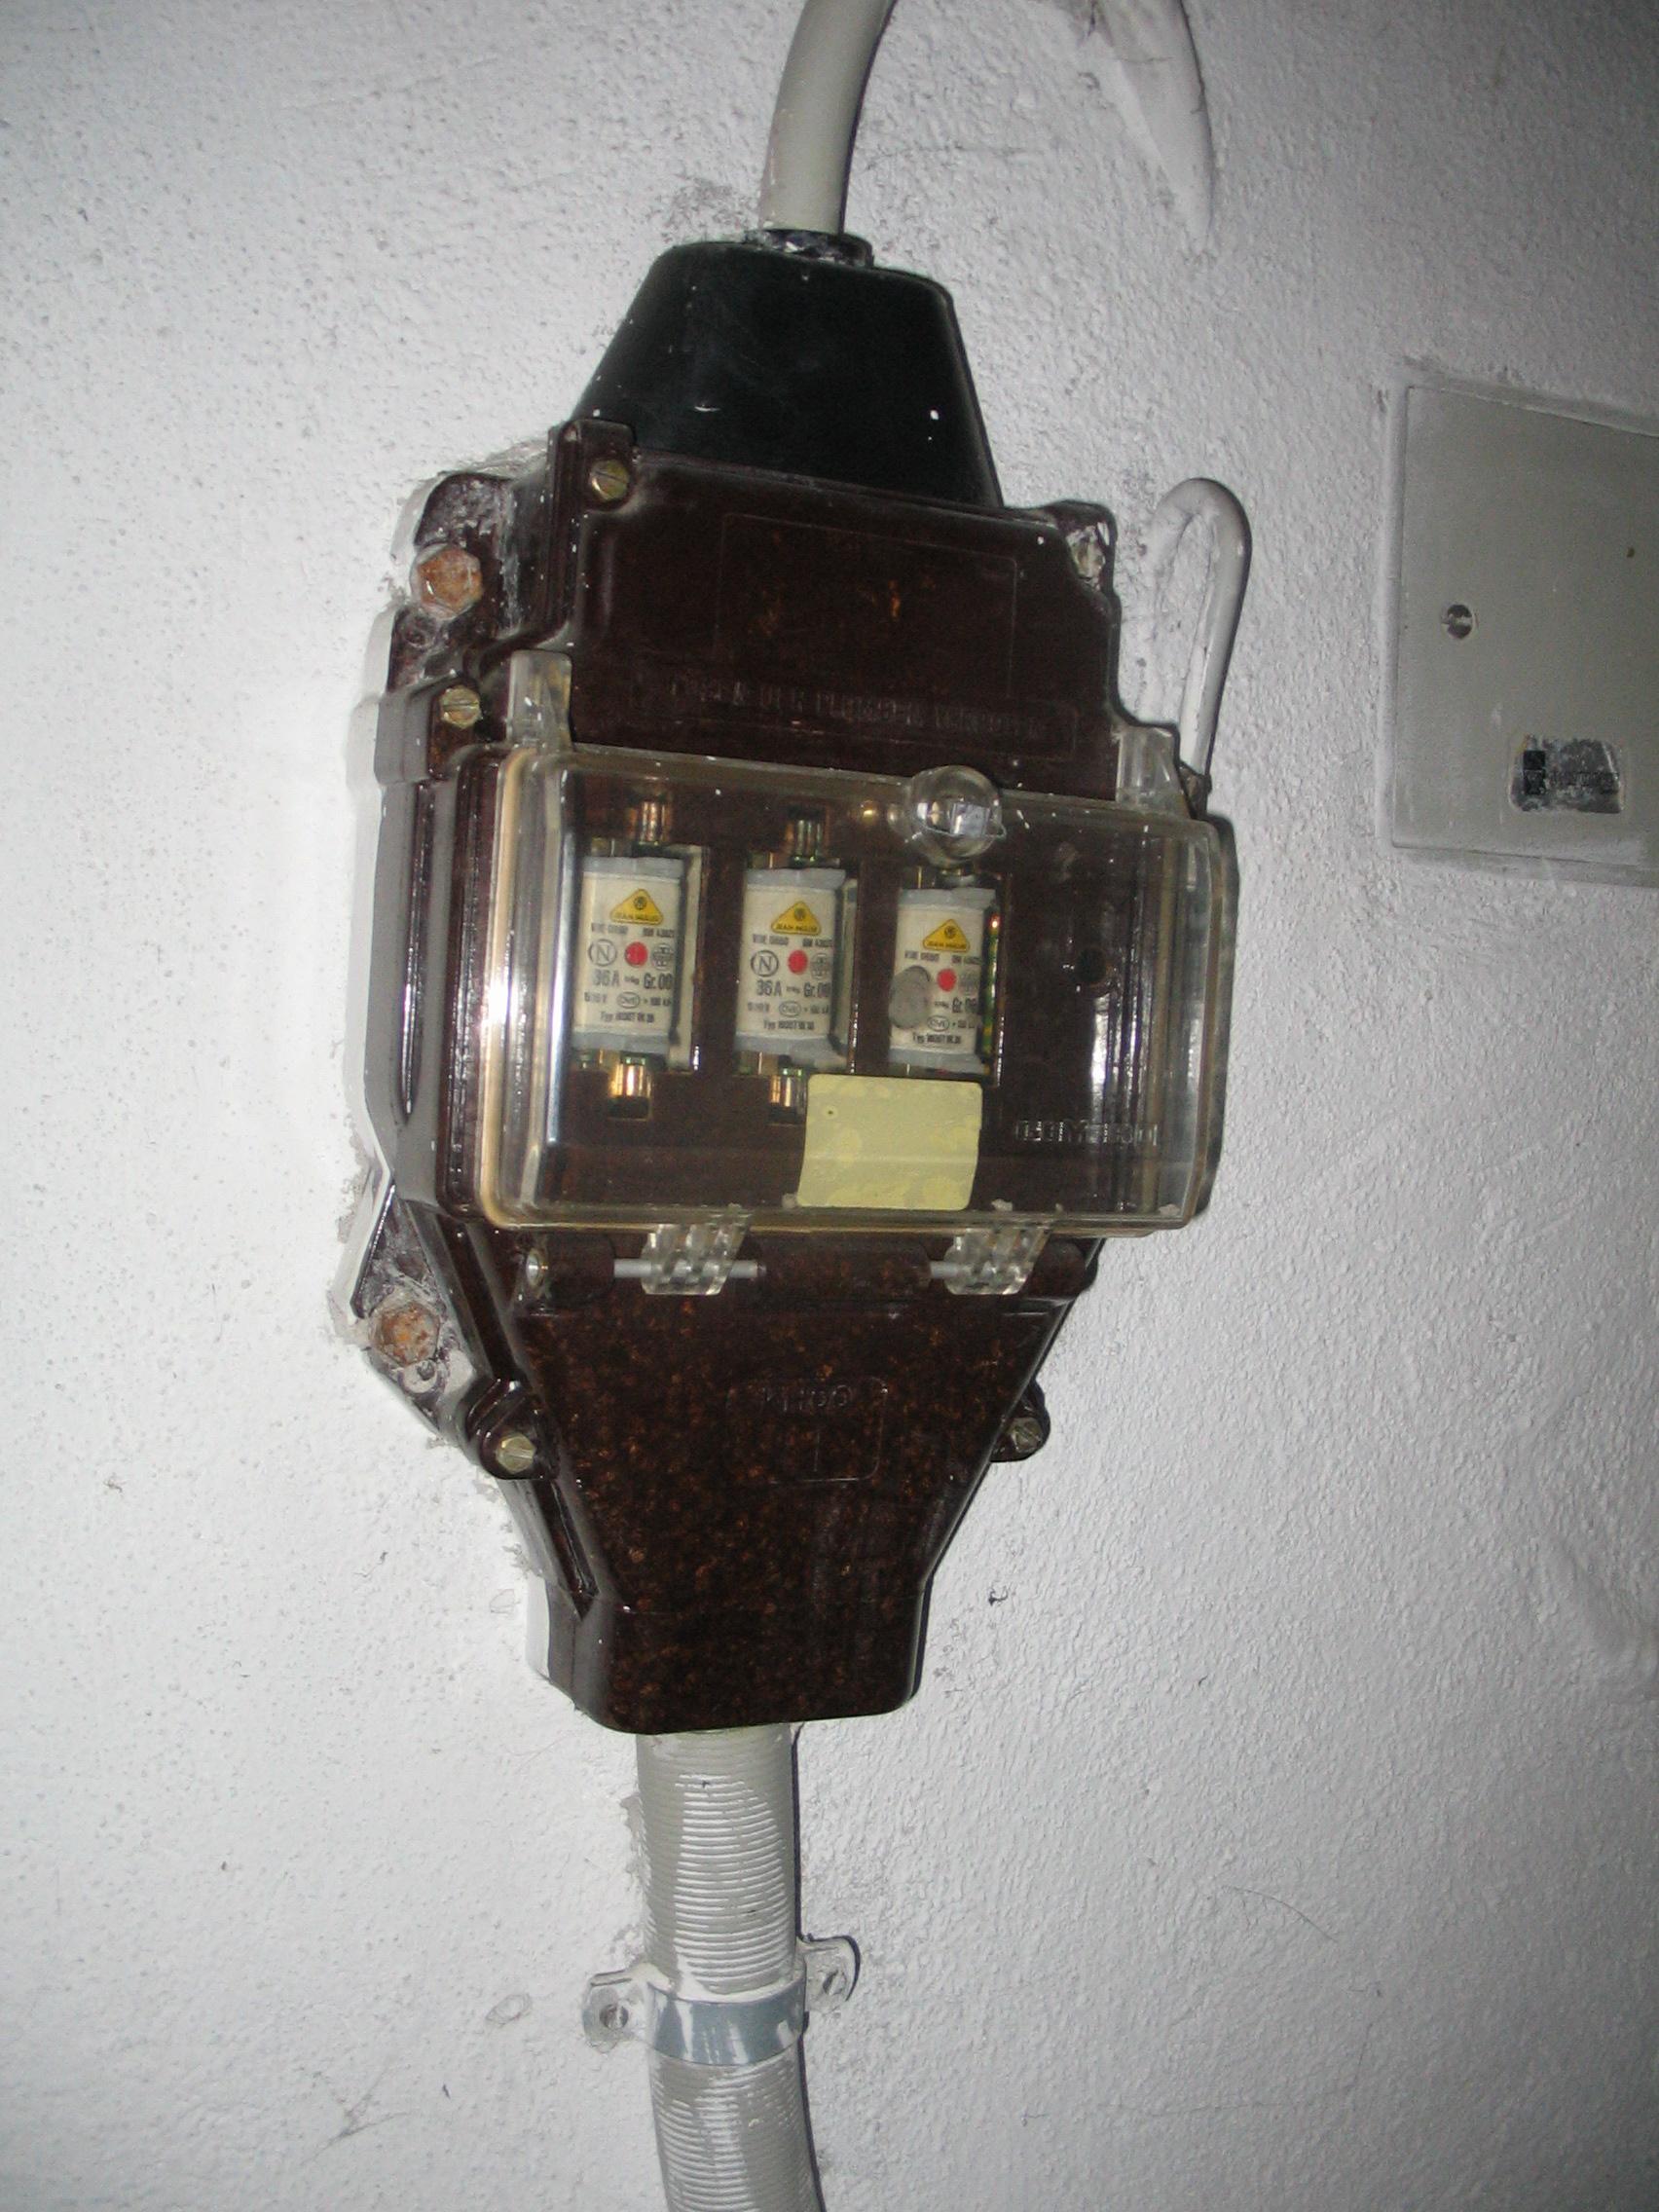 Neuer Sicherungkasten mit Zähler - HaustechnikDialog